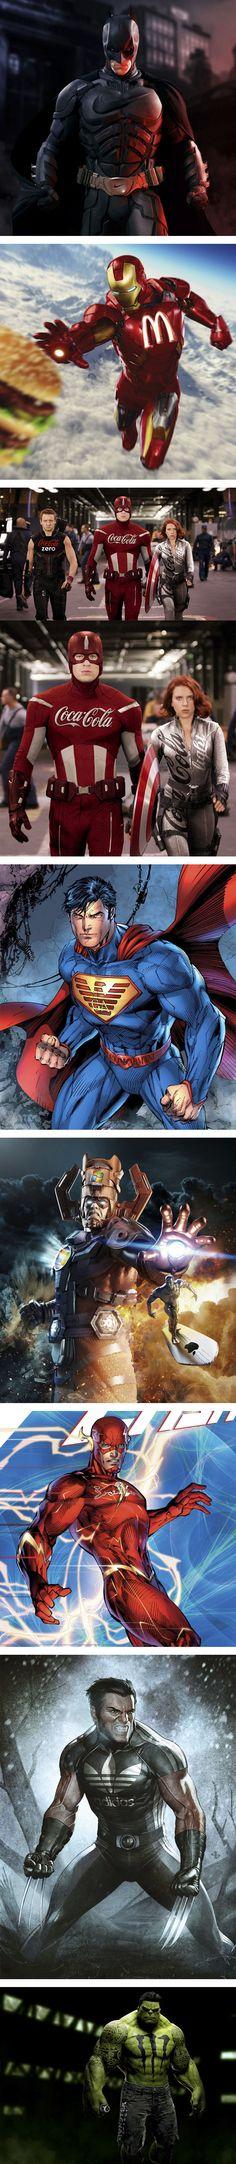 com certeza seria assim se existissem super-heróis.